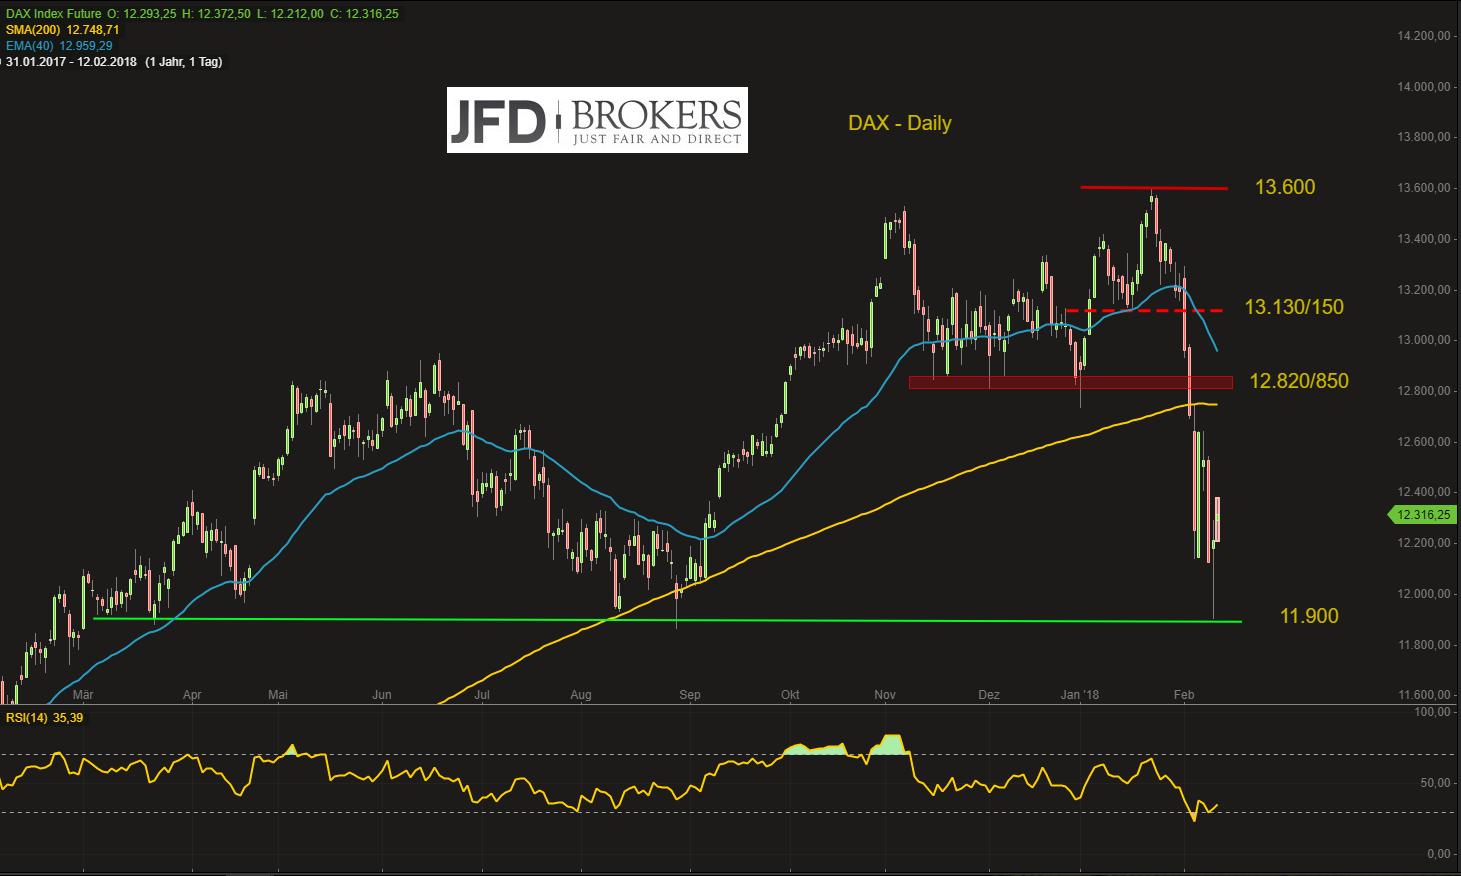 DAX-stabil-in-die-neue-Handelswoche-aber-Zitterpartie-hält-an-Kommentar-JFD-Brokers-GodmodeTrader.de-2